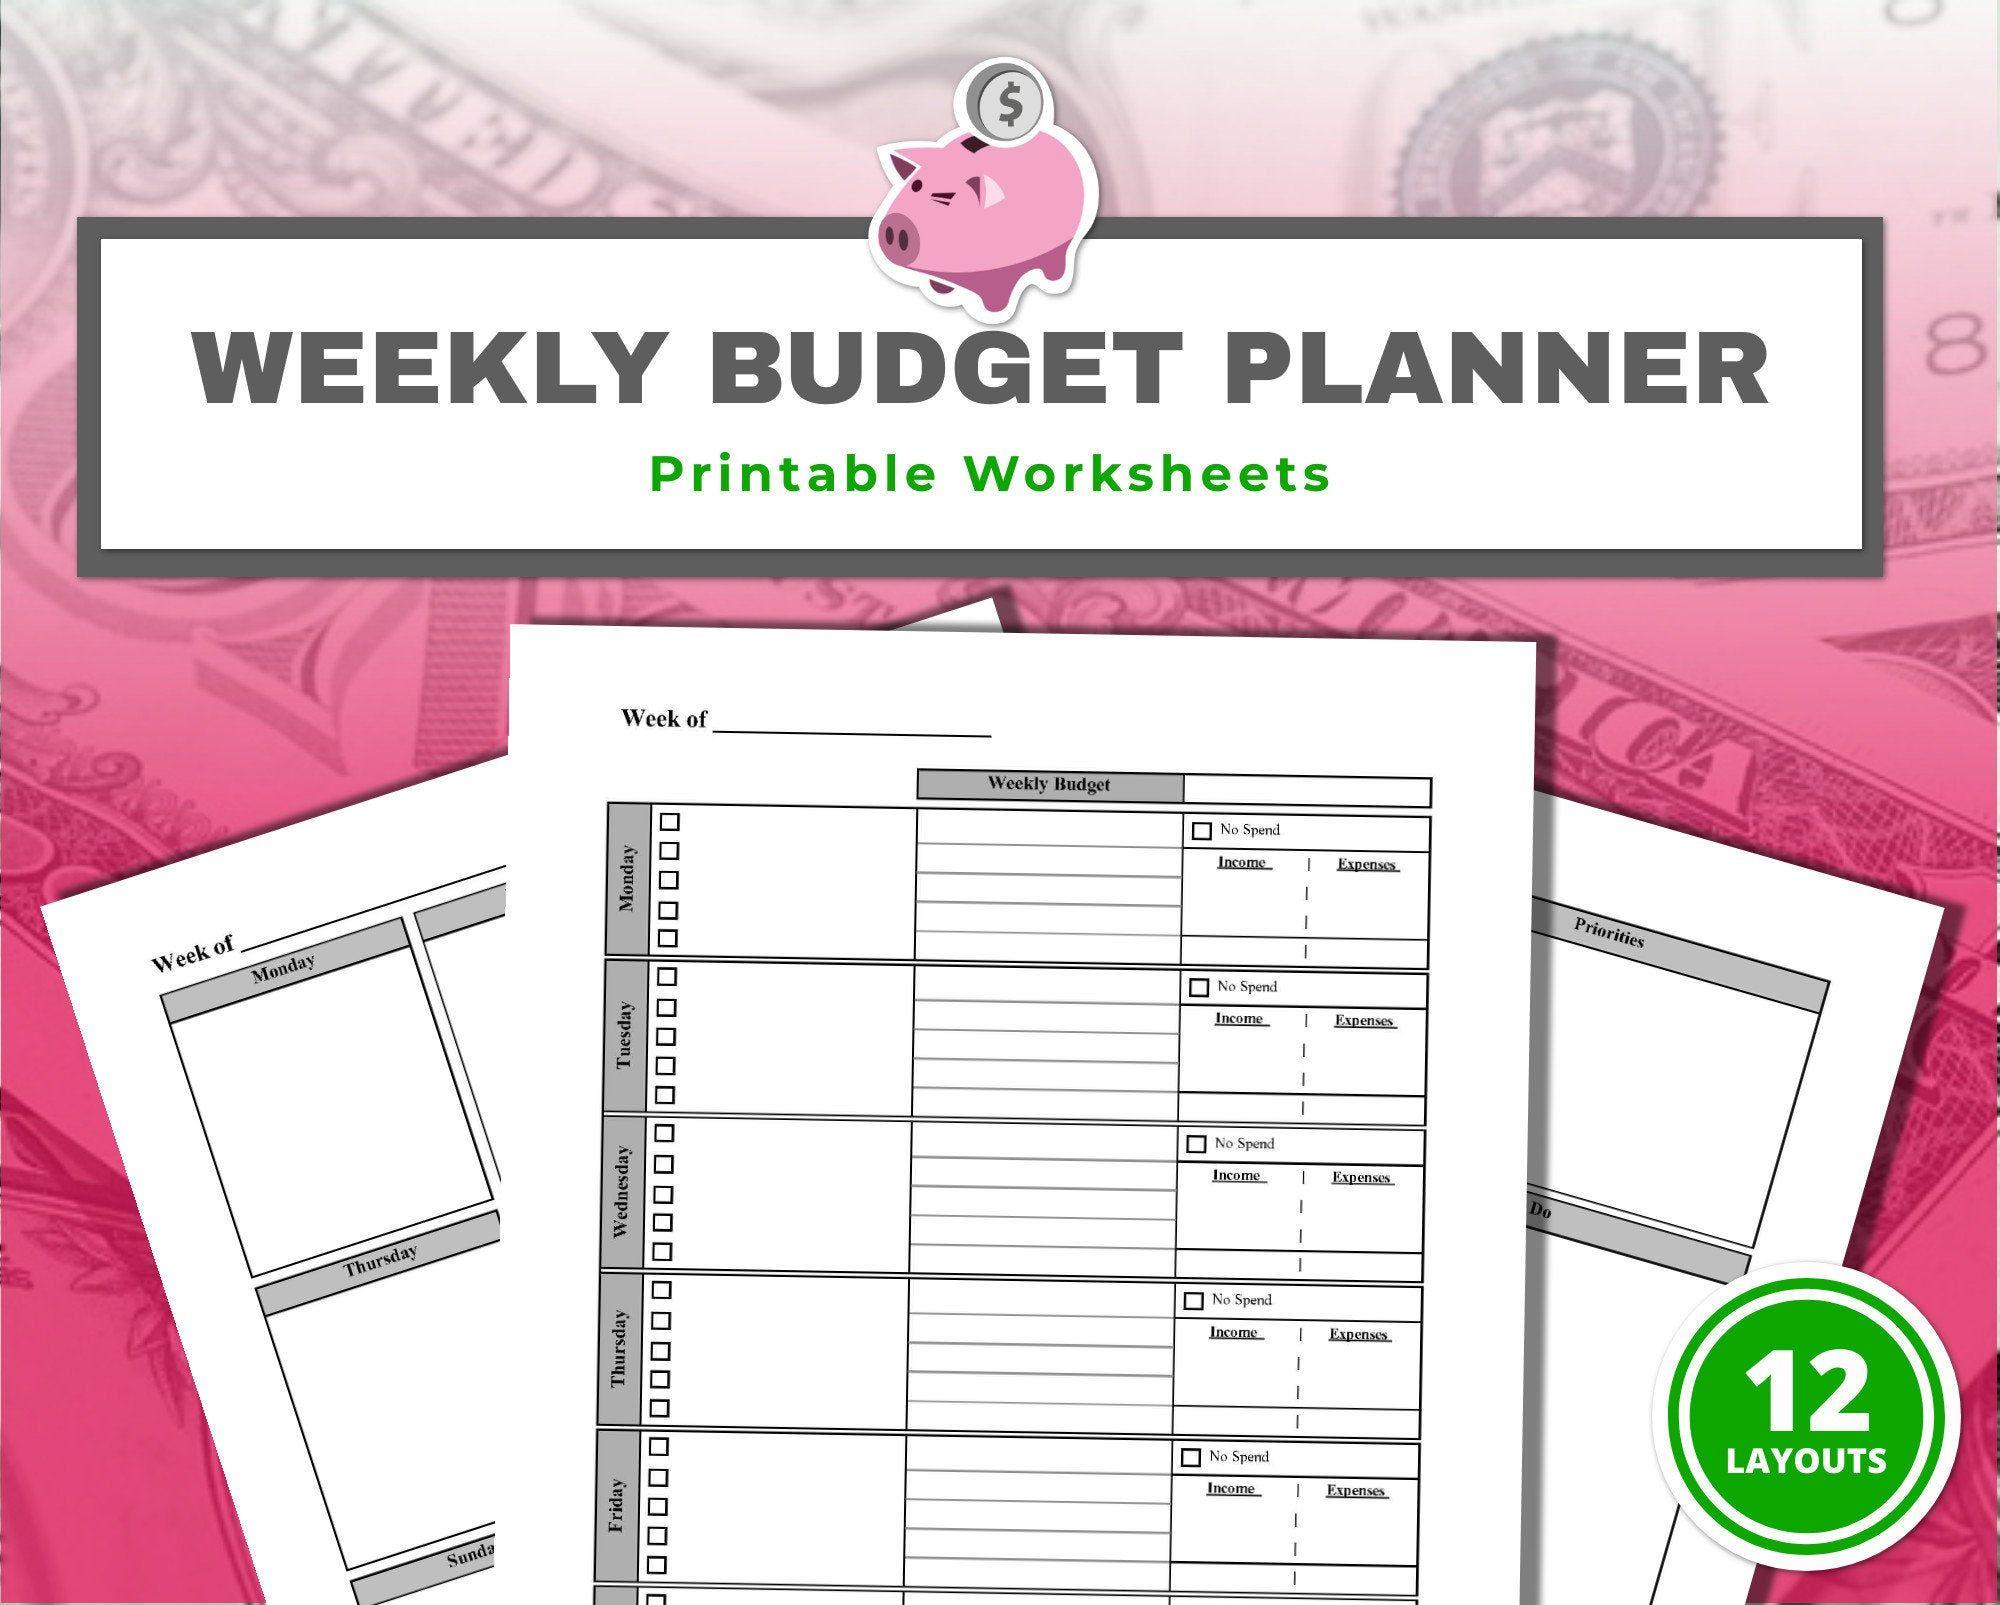 Weekly Budget Planner Worksheets 12 S Printable